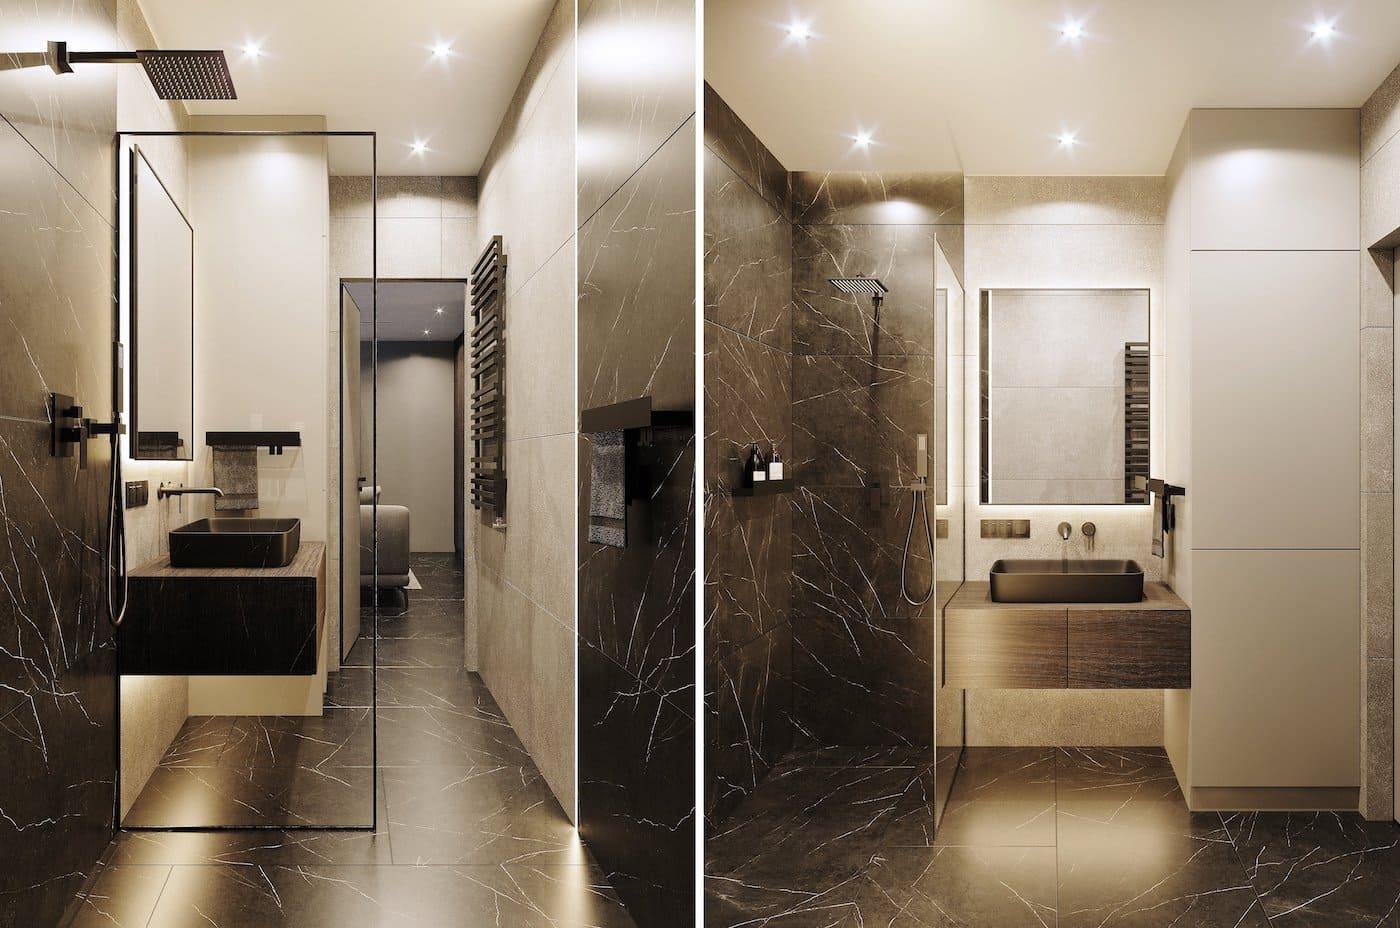 дизайн интерьера ванной комнаты фото 88